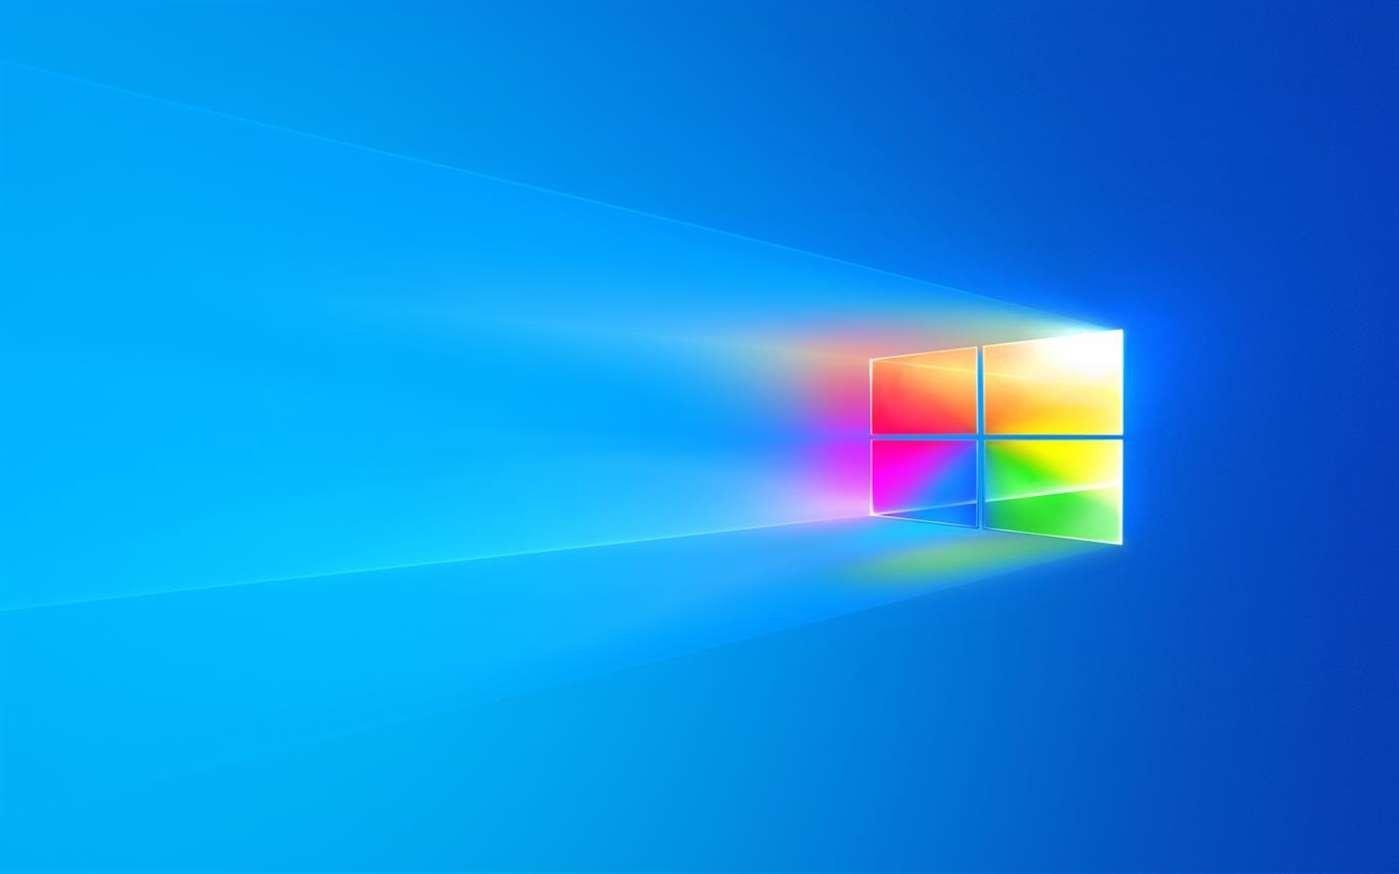 Windows 10 cores